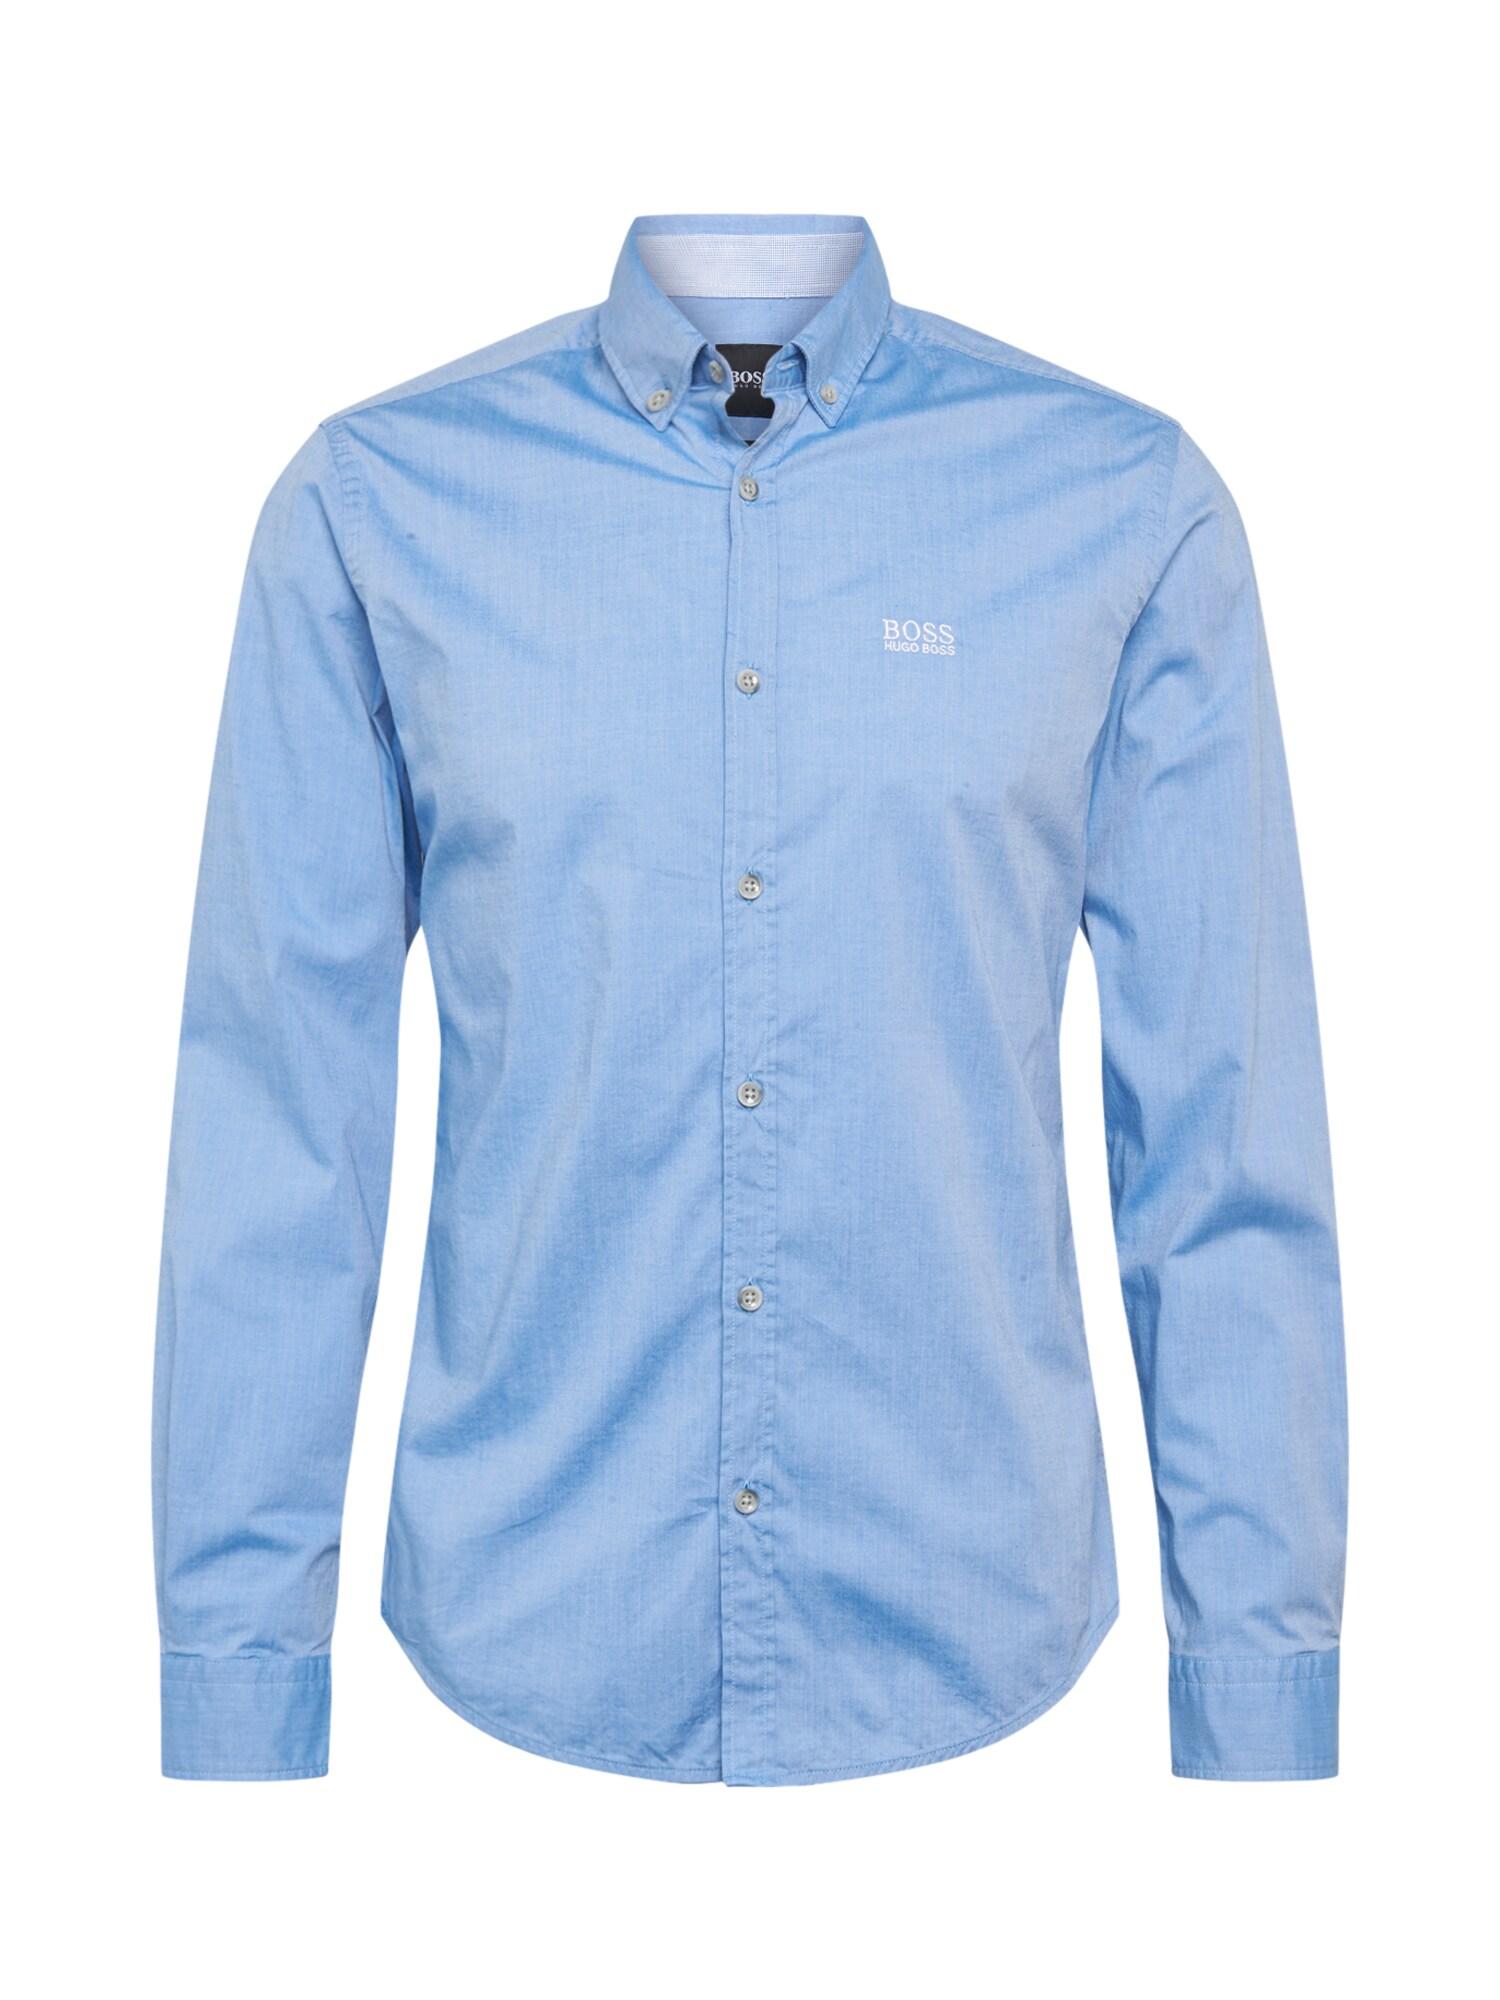 BOSS ATHLEISURE Dalykiniai marškiniai mėlyna